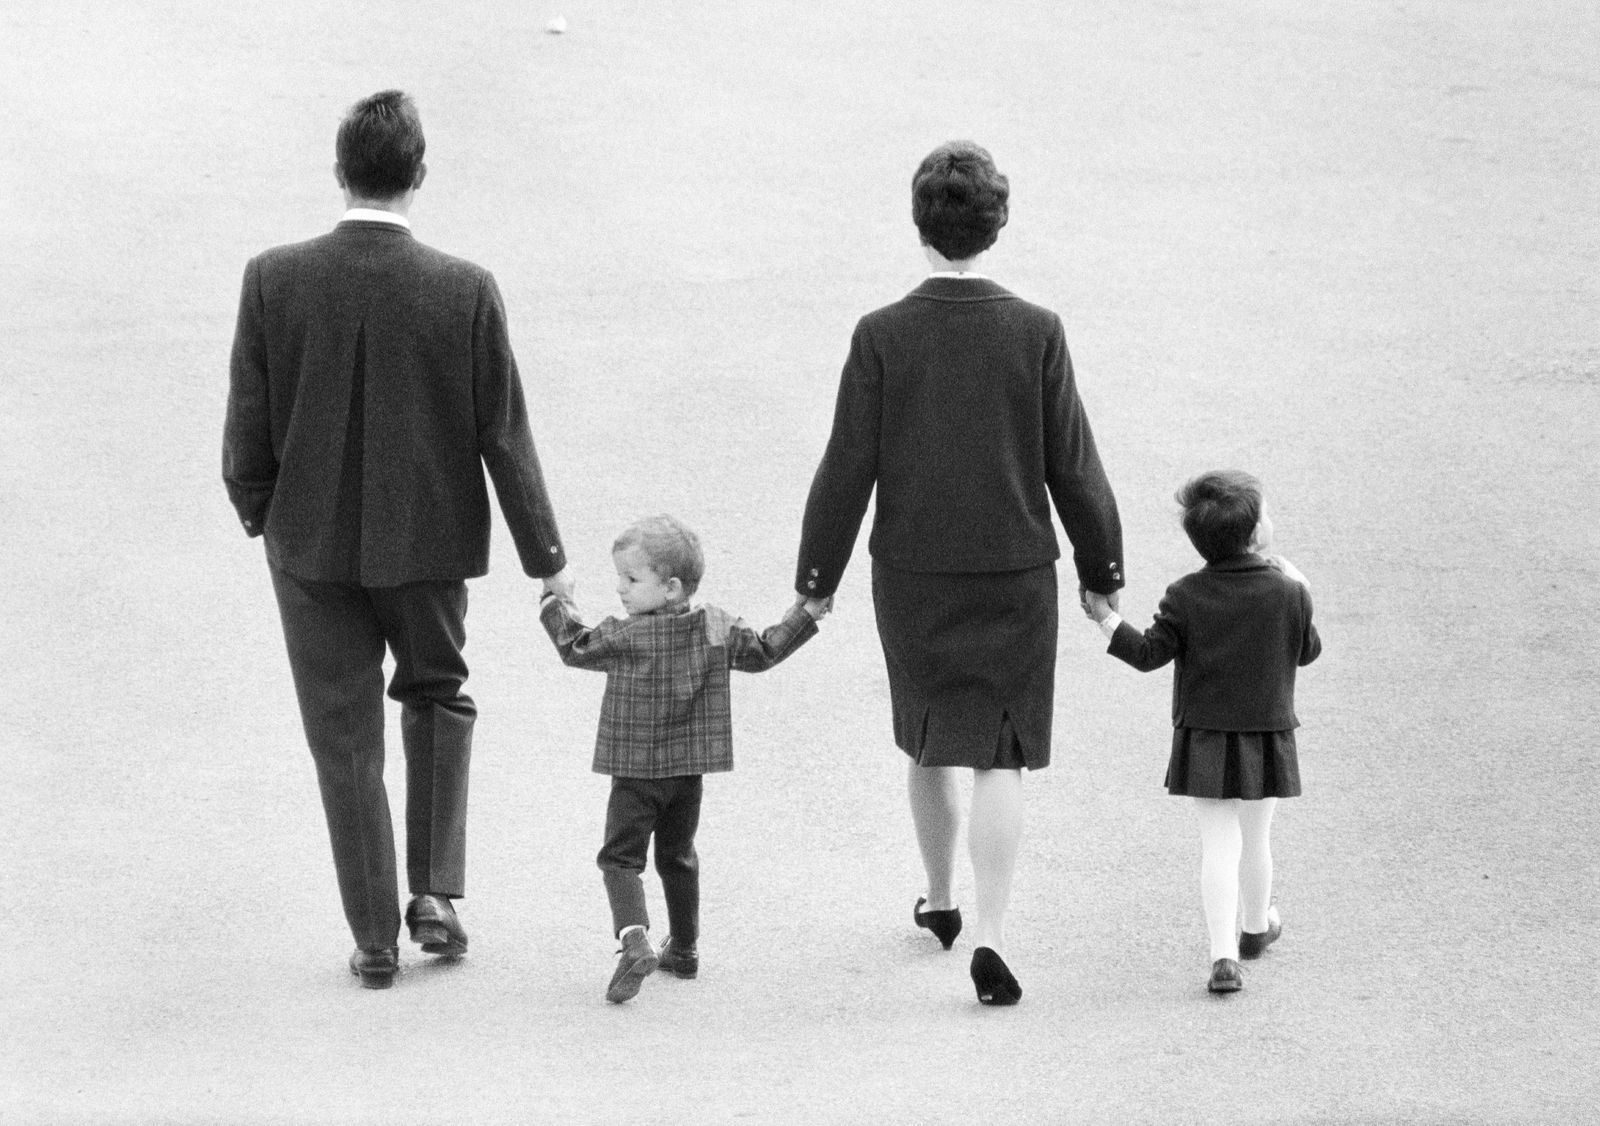 Sechziger Jahre, Menschen, junge Familie macht einen Sonntagsspaziergang, Vater, Sohn, Mutter, Tochter